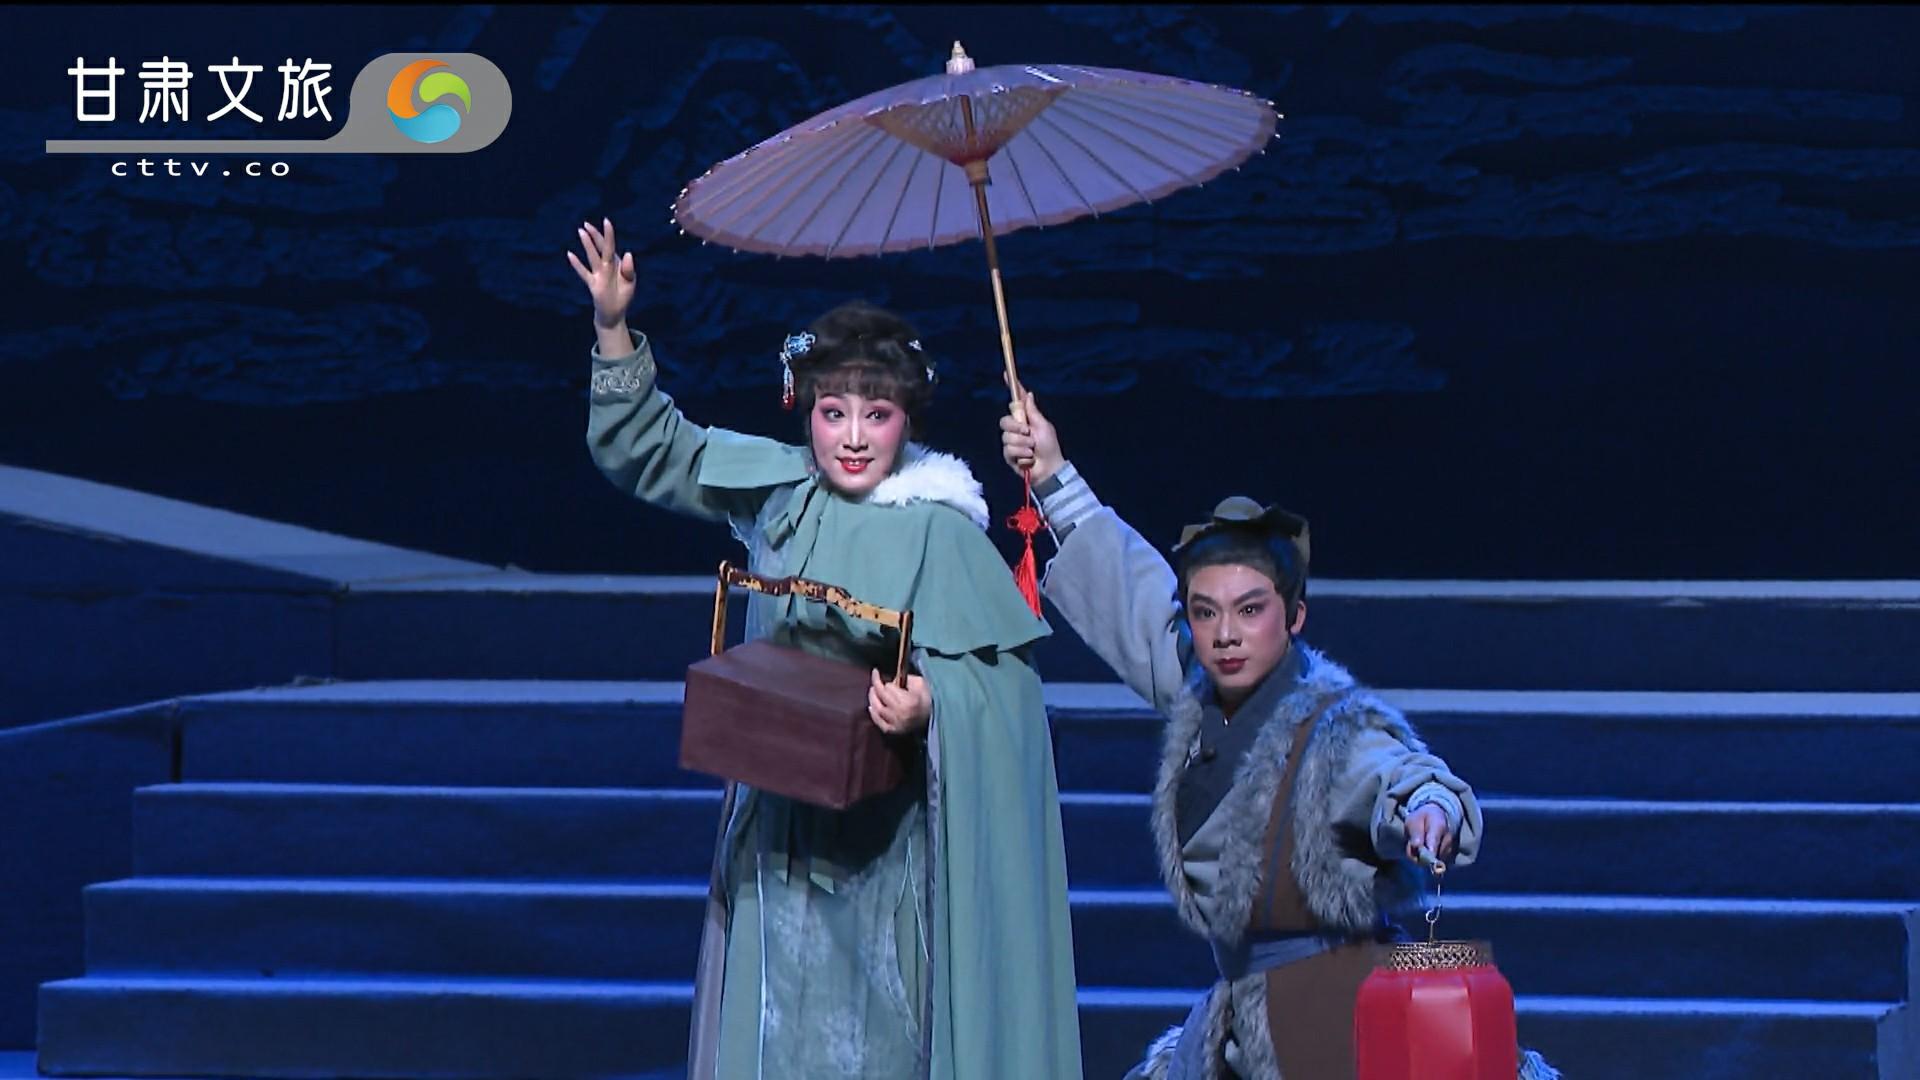 《杨椒山》——杨继盛夫人在见杨继盛的路上不慎摔倒